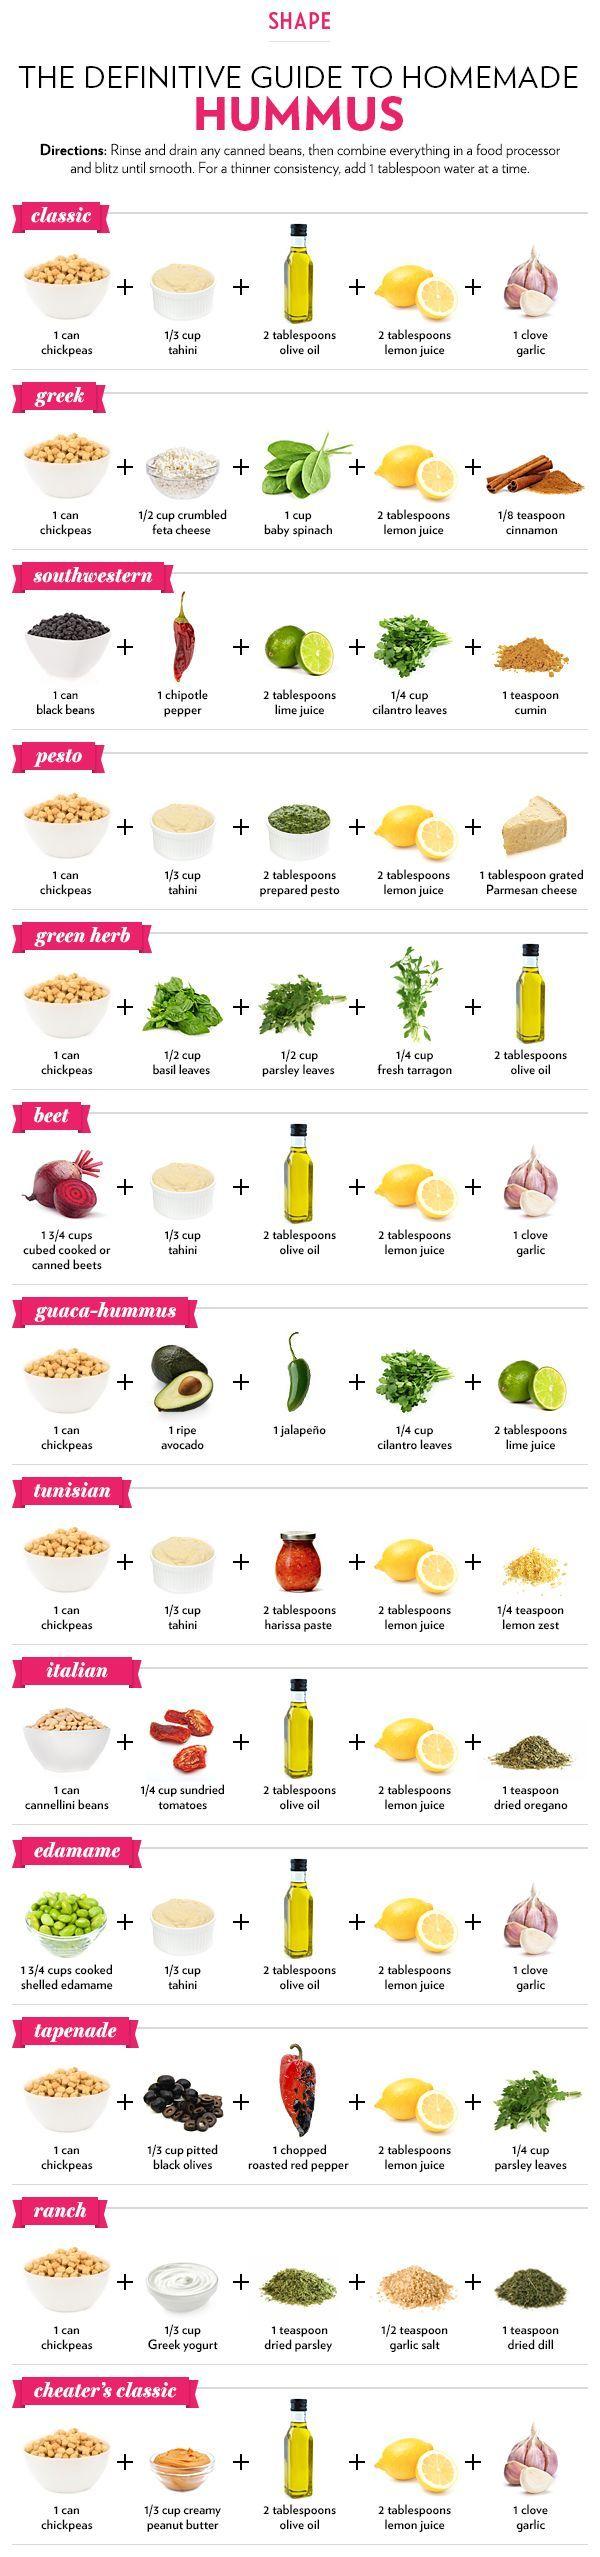 13 ways to make humus